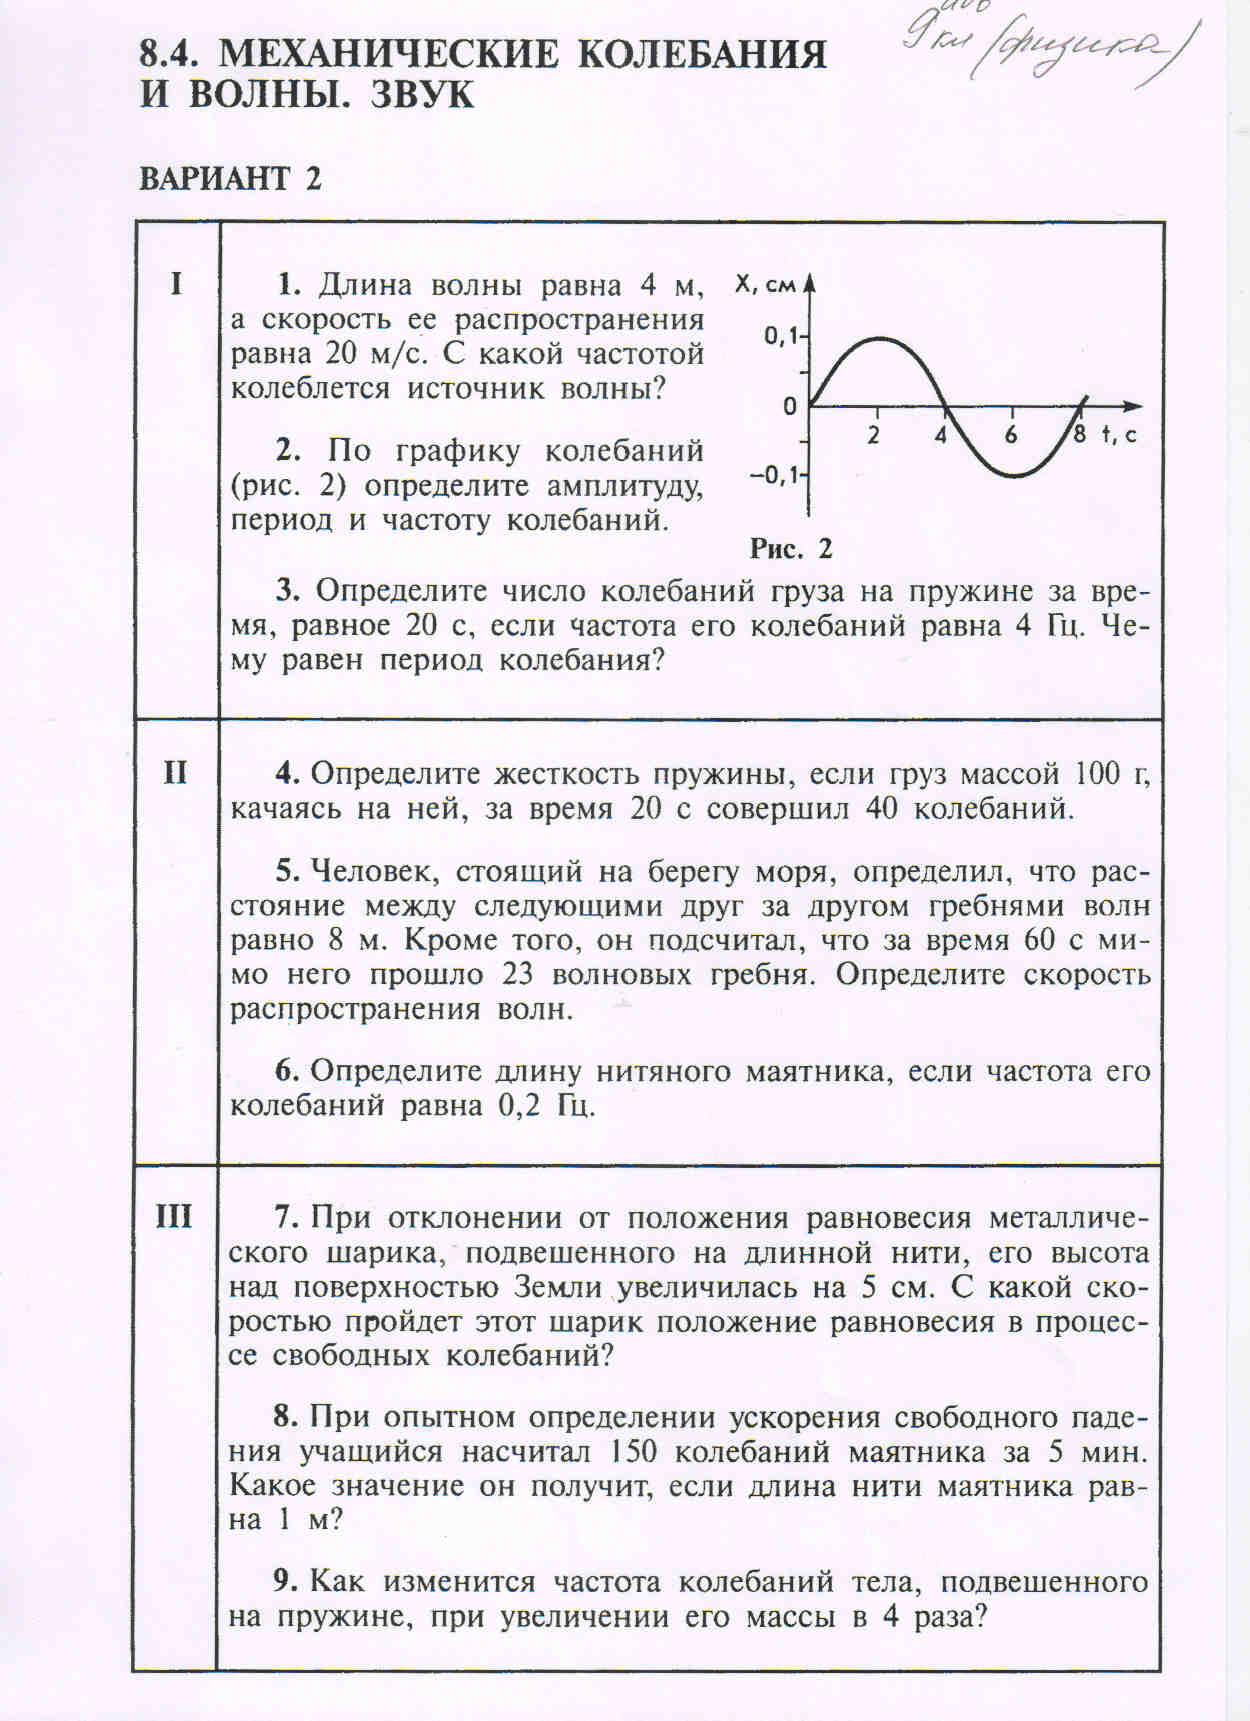 Не теряйте времени зря ДОМАШНИЕ ЗАДАНИЯ С по февраля  Физика §34 41 повторить формулы и определения главы 2 Механические колебания и волны смотреть решения задач для подготовки к контрольной работе по